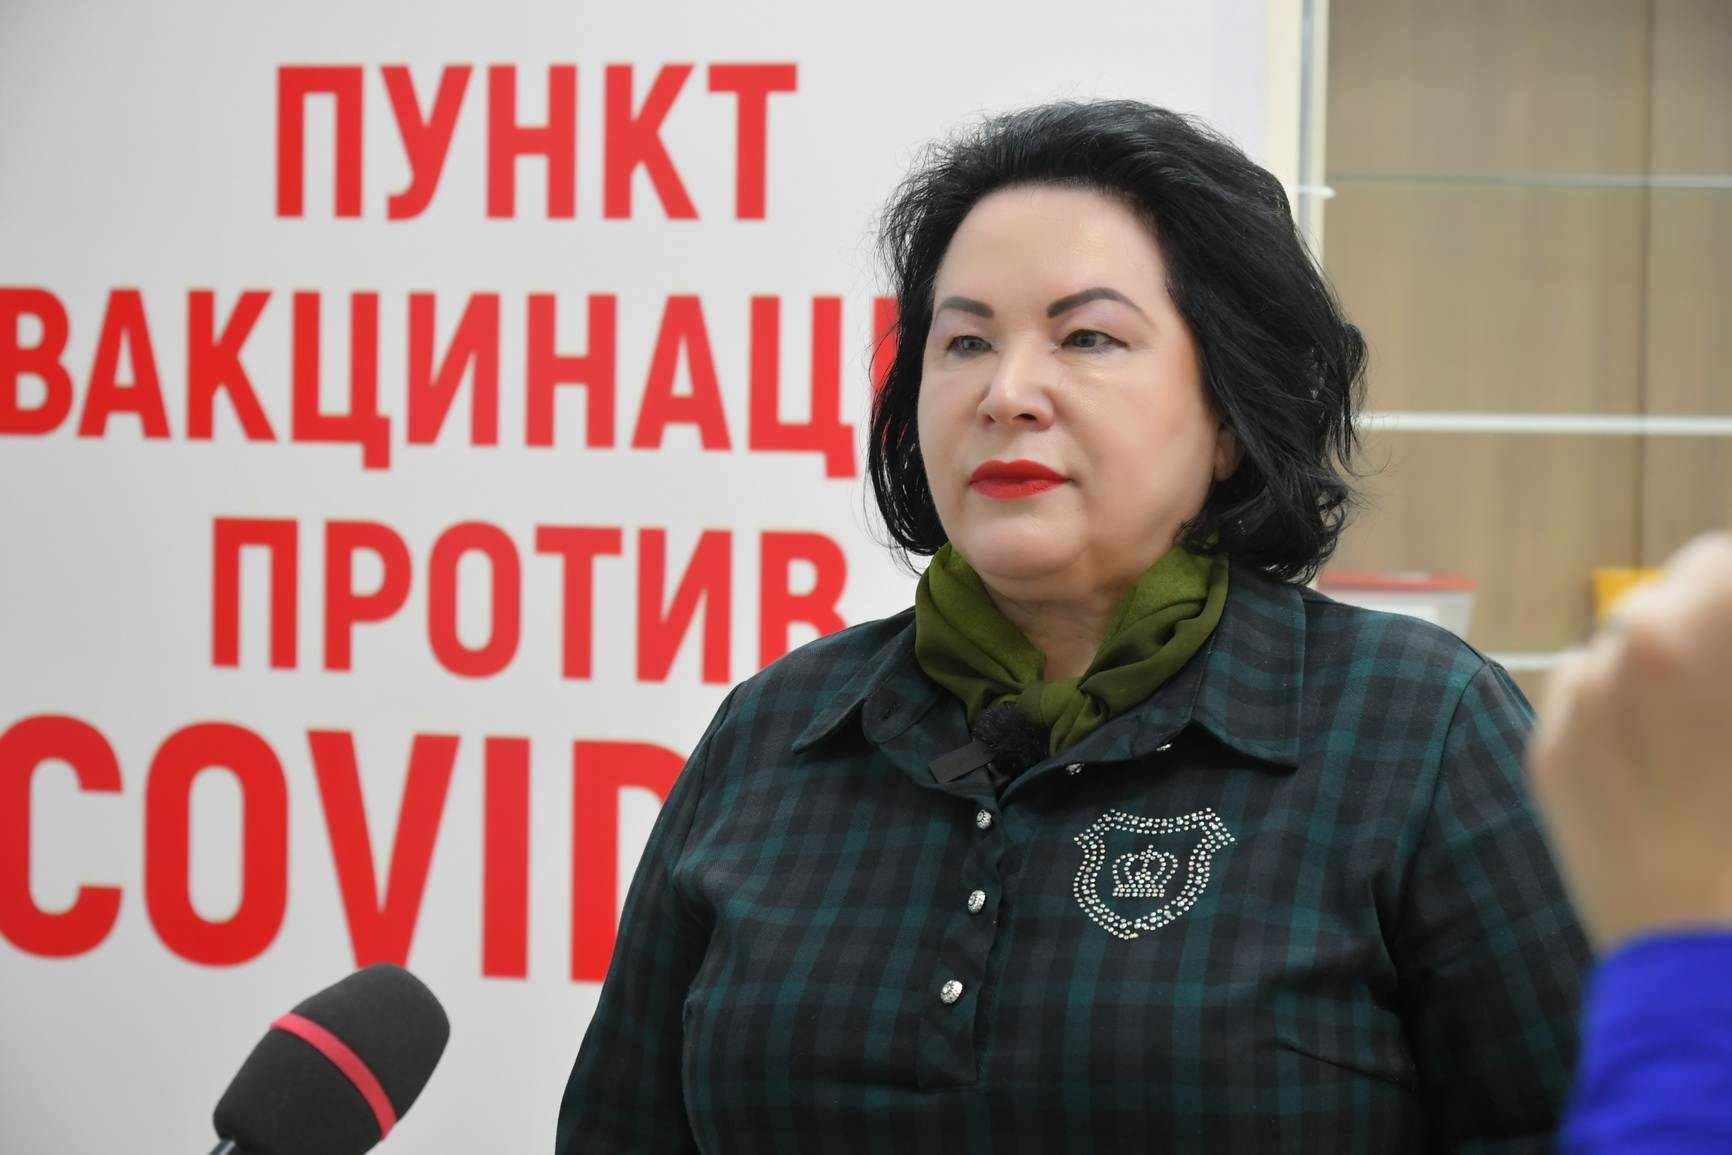 Вакцинация от коронавируса в Новороссийске: вопросы медикам